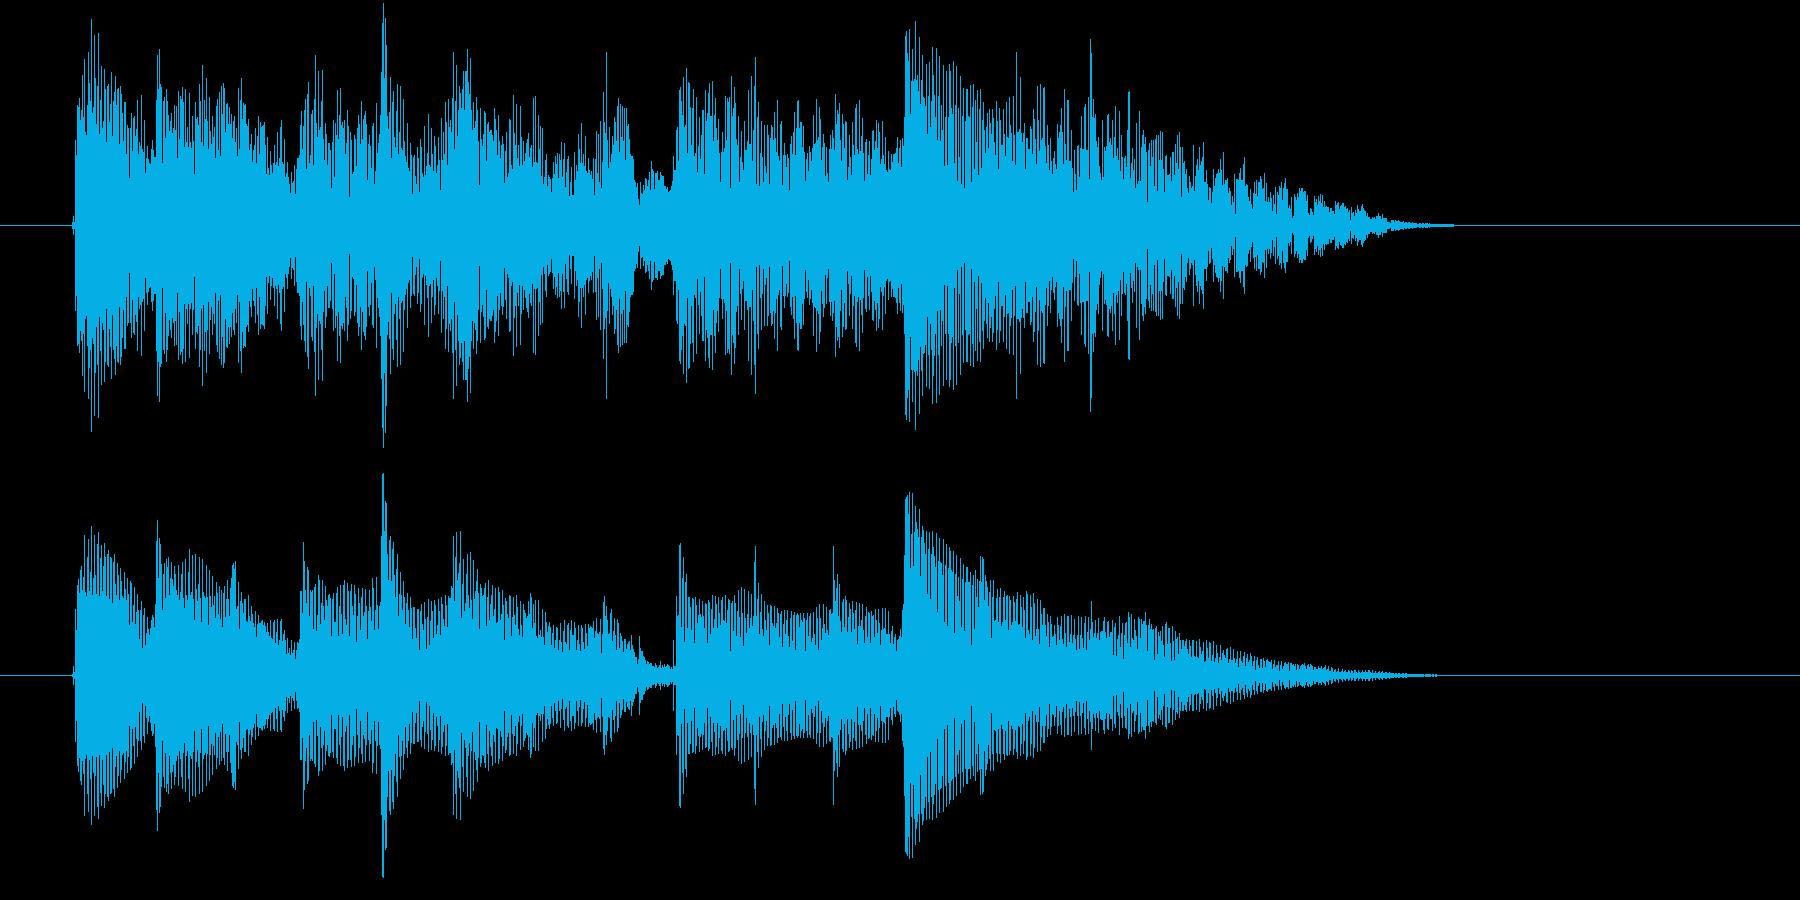 アナウンス前に注意を促すジングルの再生済みの波形